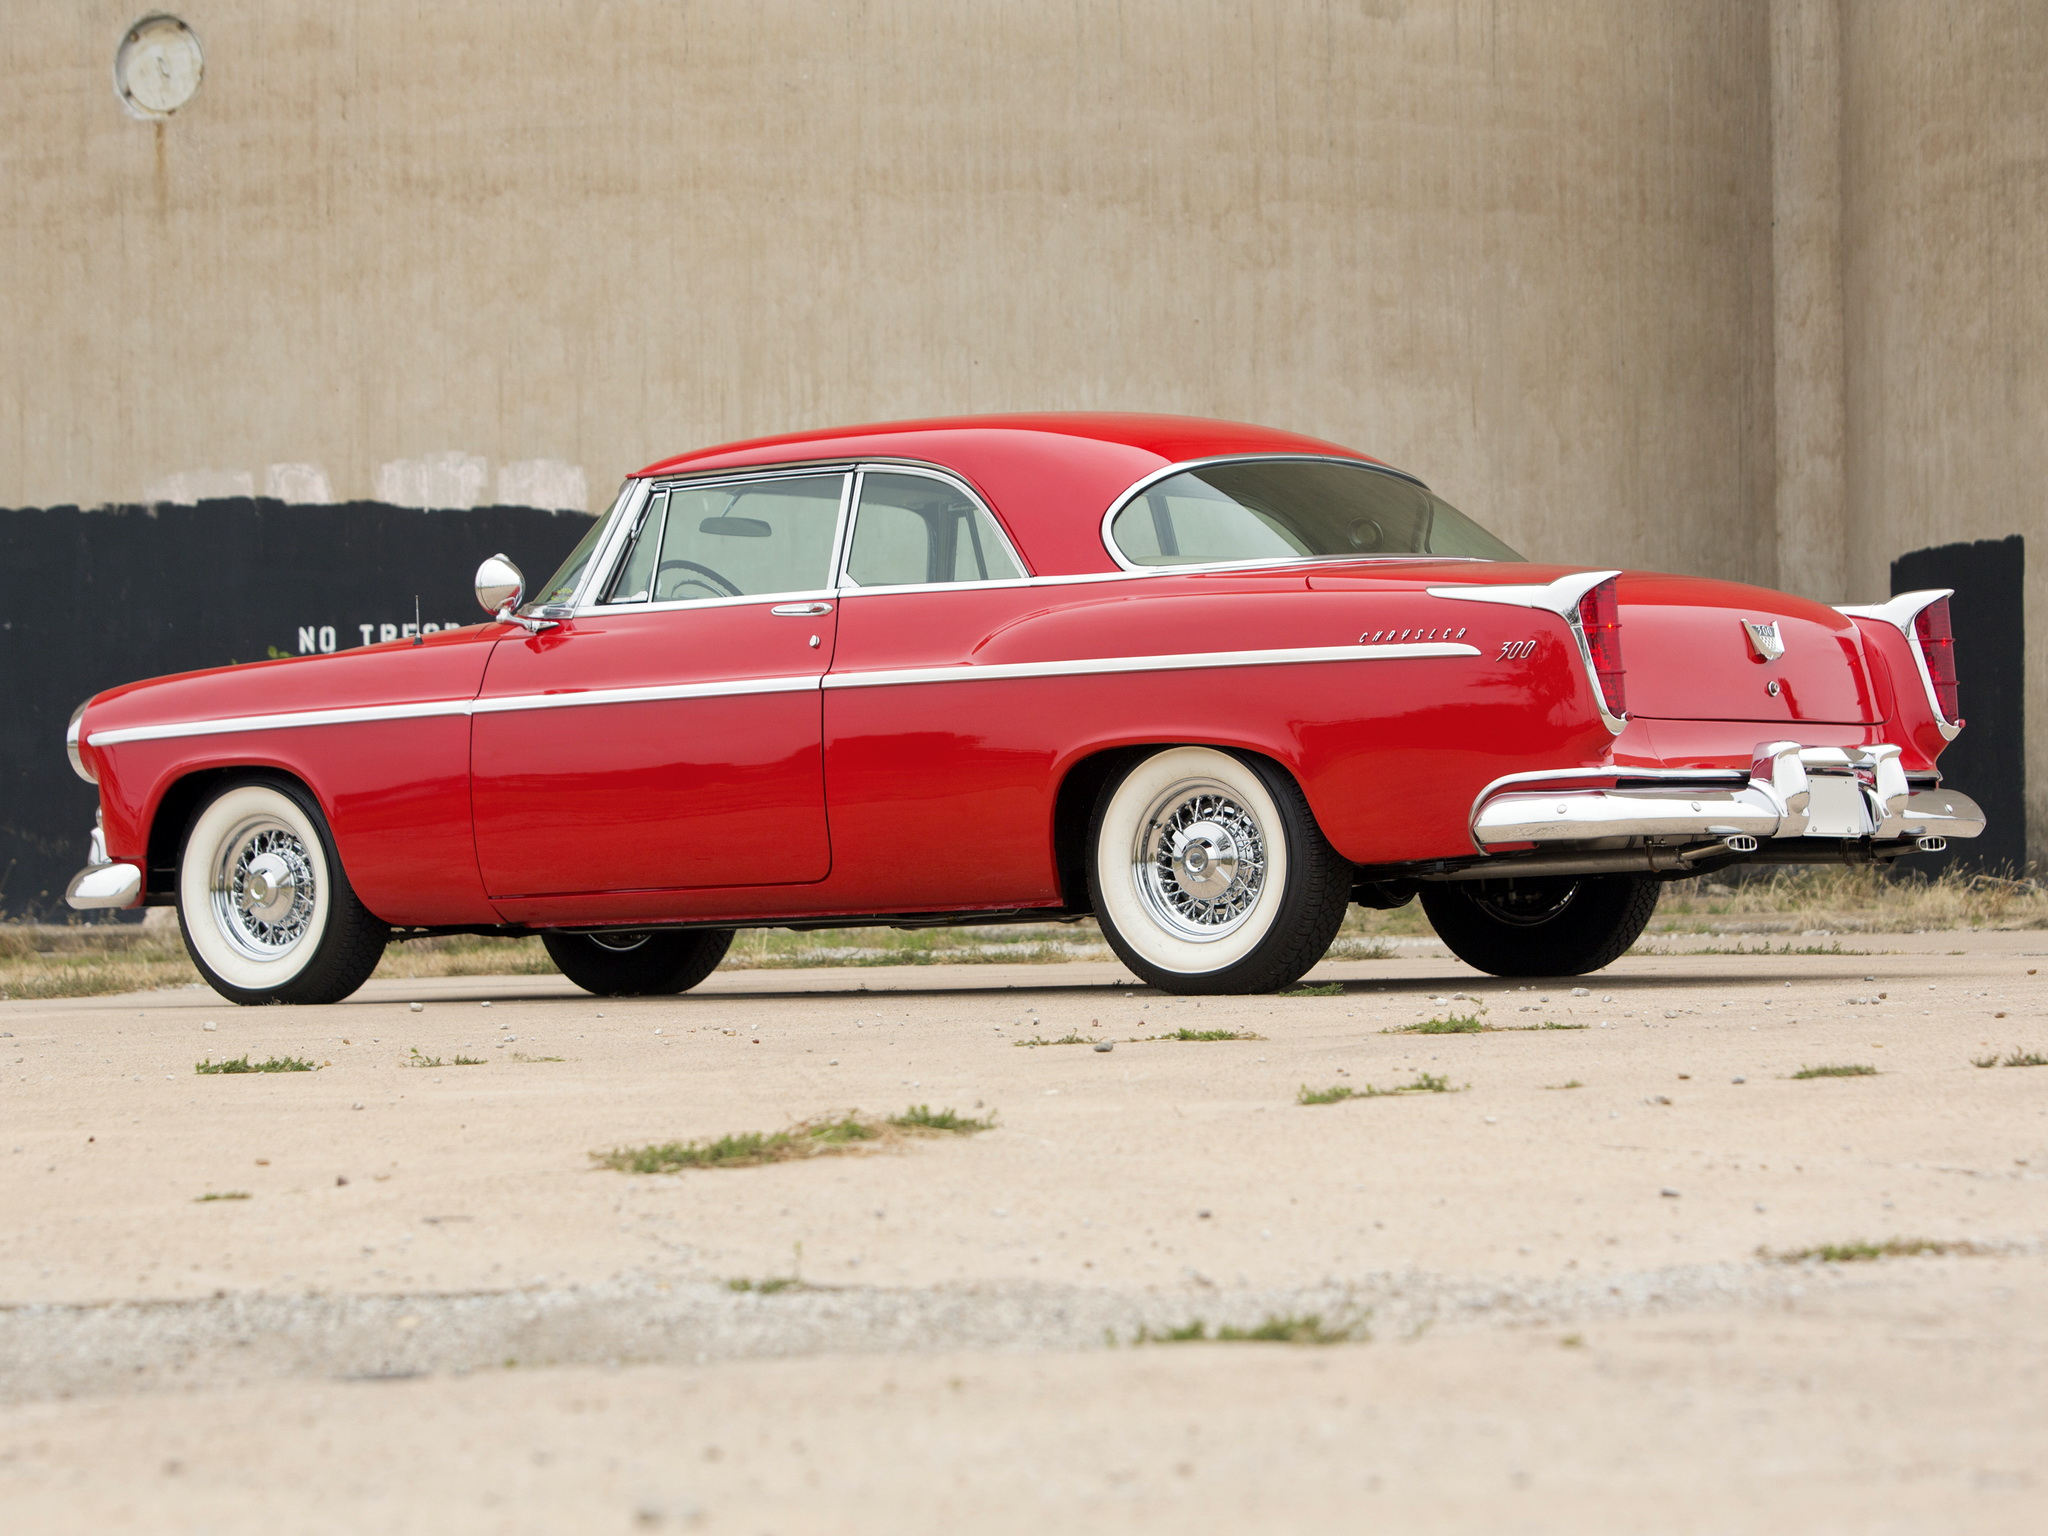 1955 Chrysler C 300 Retro D Wallpaper 2048x1536 169219